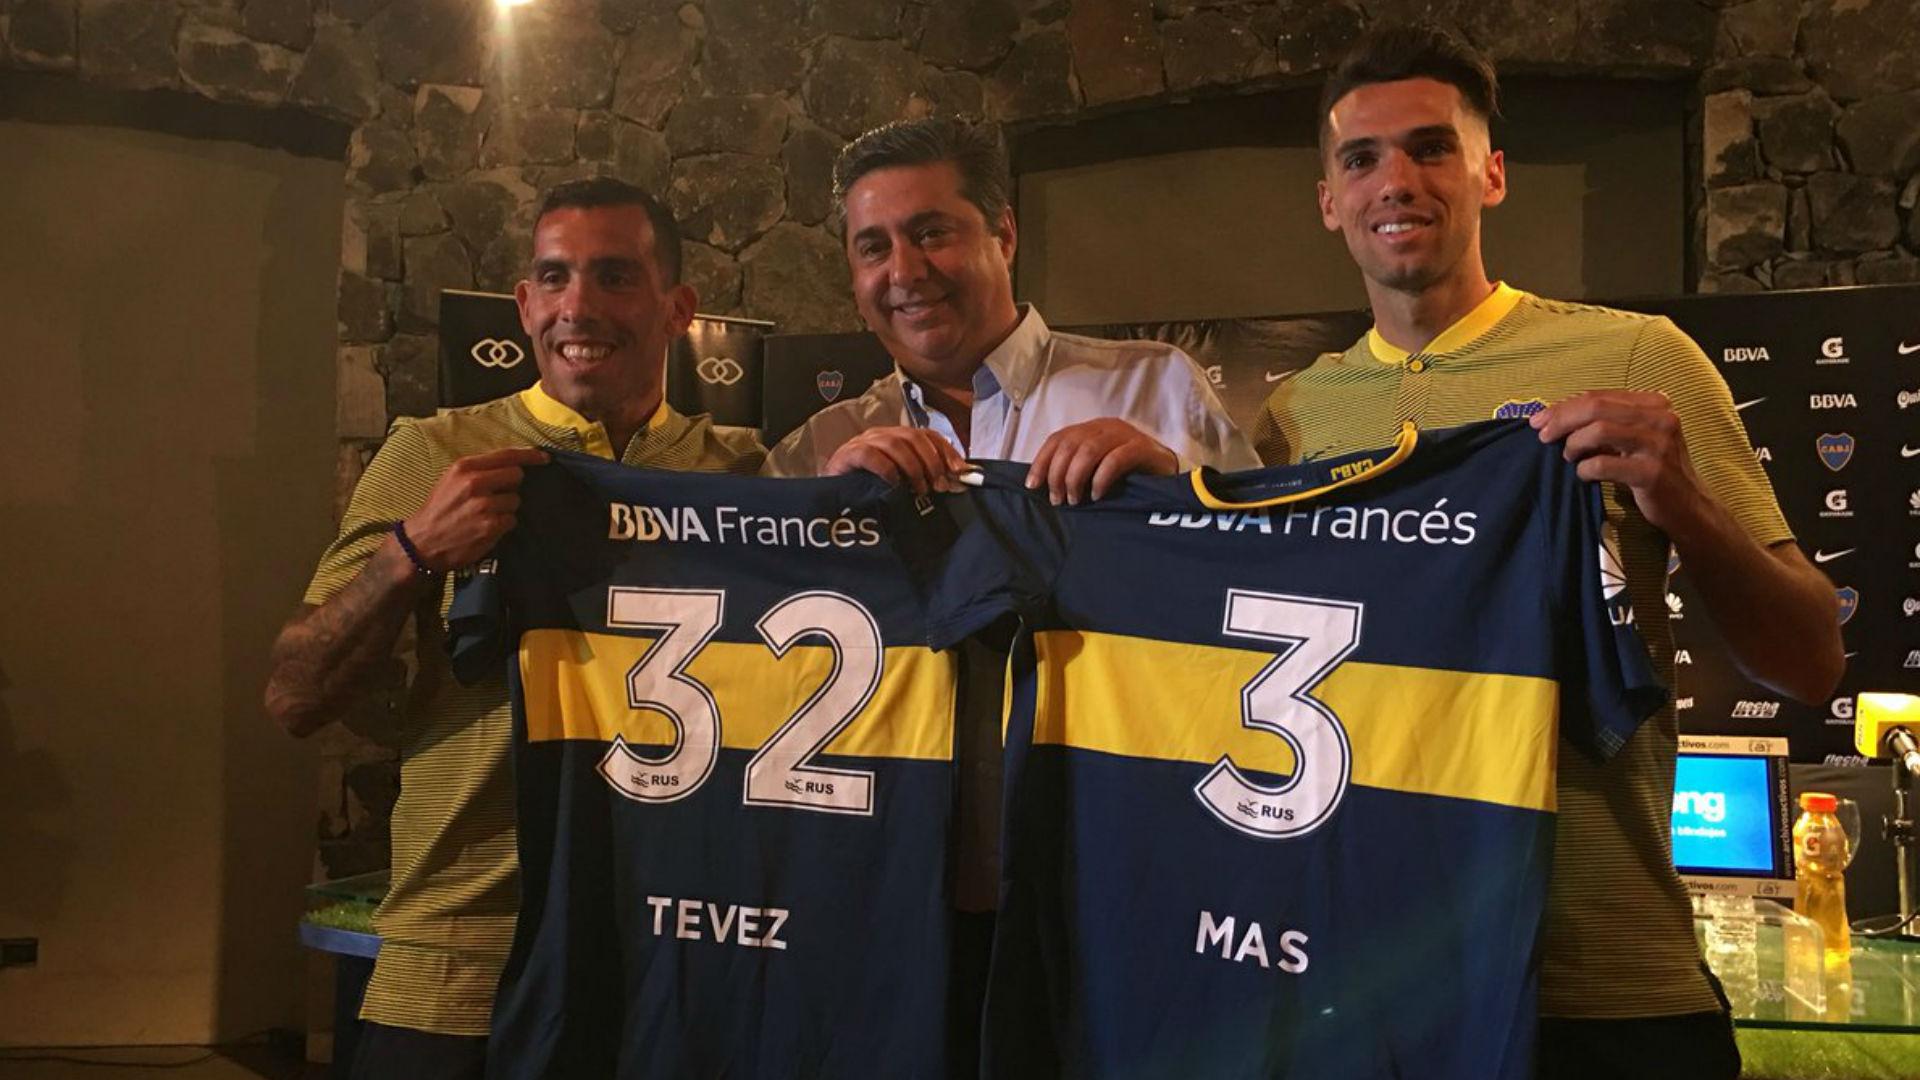 Tevez: 'Ecco perché sono tornato al Boca. Sul mio ritiro...'